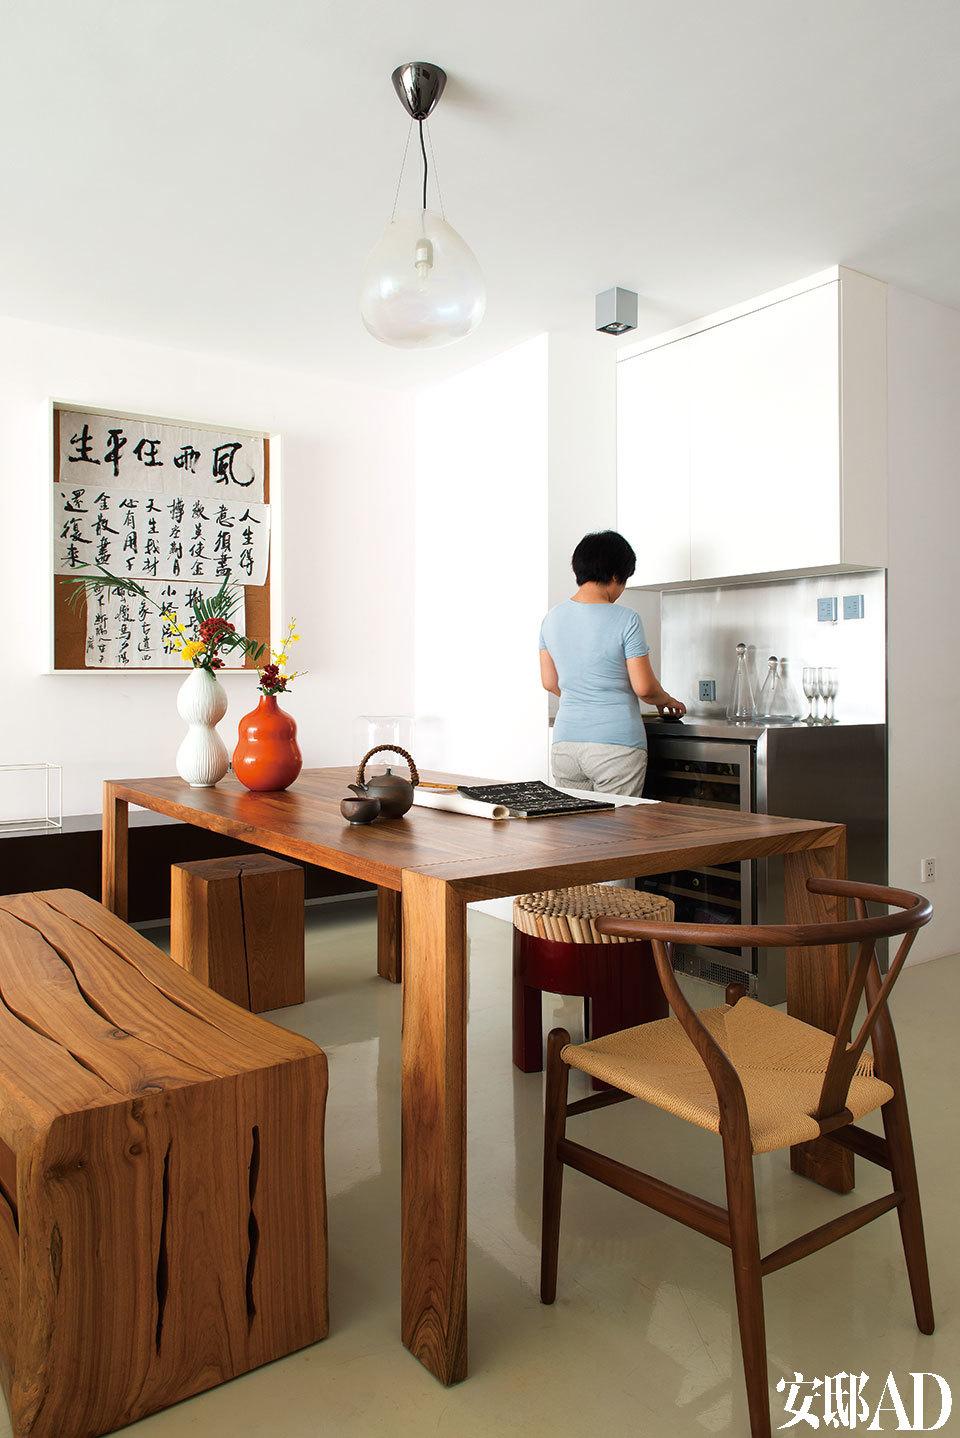 由Brad Ascalon设计的胡桃木餐桌Eaton来自Ligne Roset写意空间,远处的两只坐凳是东南亚的设计,购自香港OVO Home,近处的一把餐椅是椅子设计大师Hans J.Wegner创作于1950年的Y形椅的现代复刻版,来自Edimass。